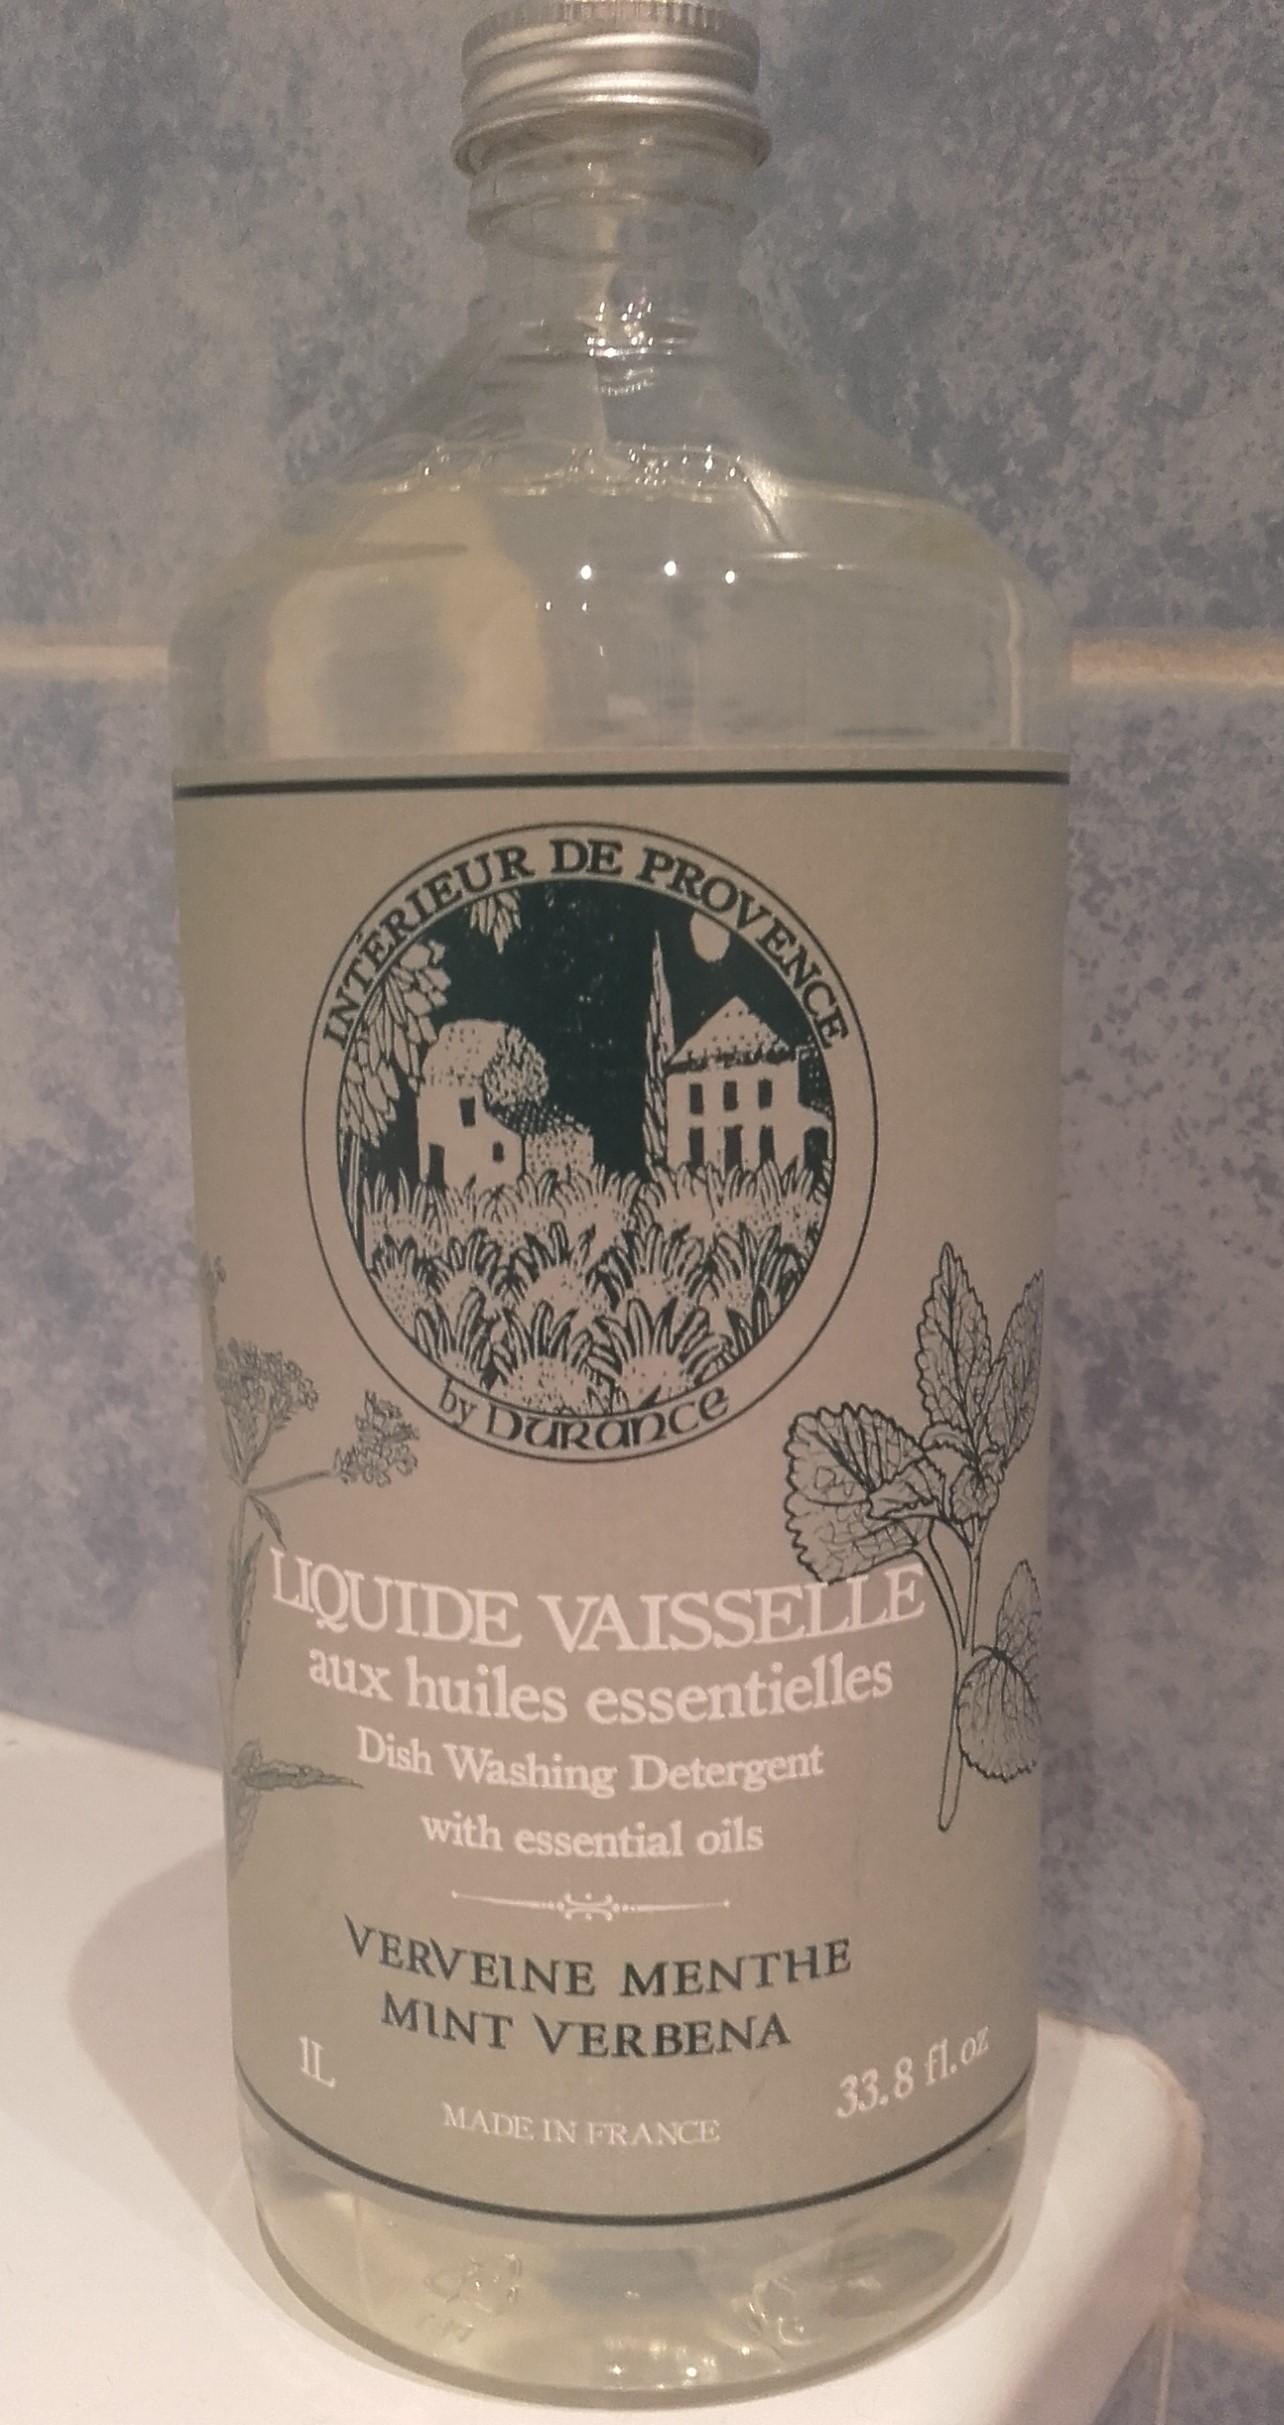 J'ai testé pour vous dURANCE  liquide vaisselle verveine menthe  300 ml